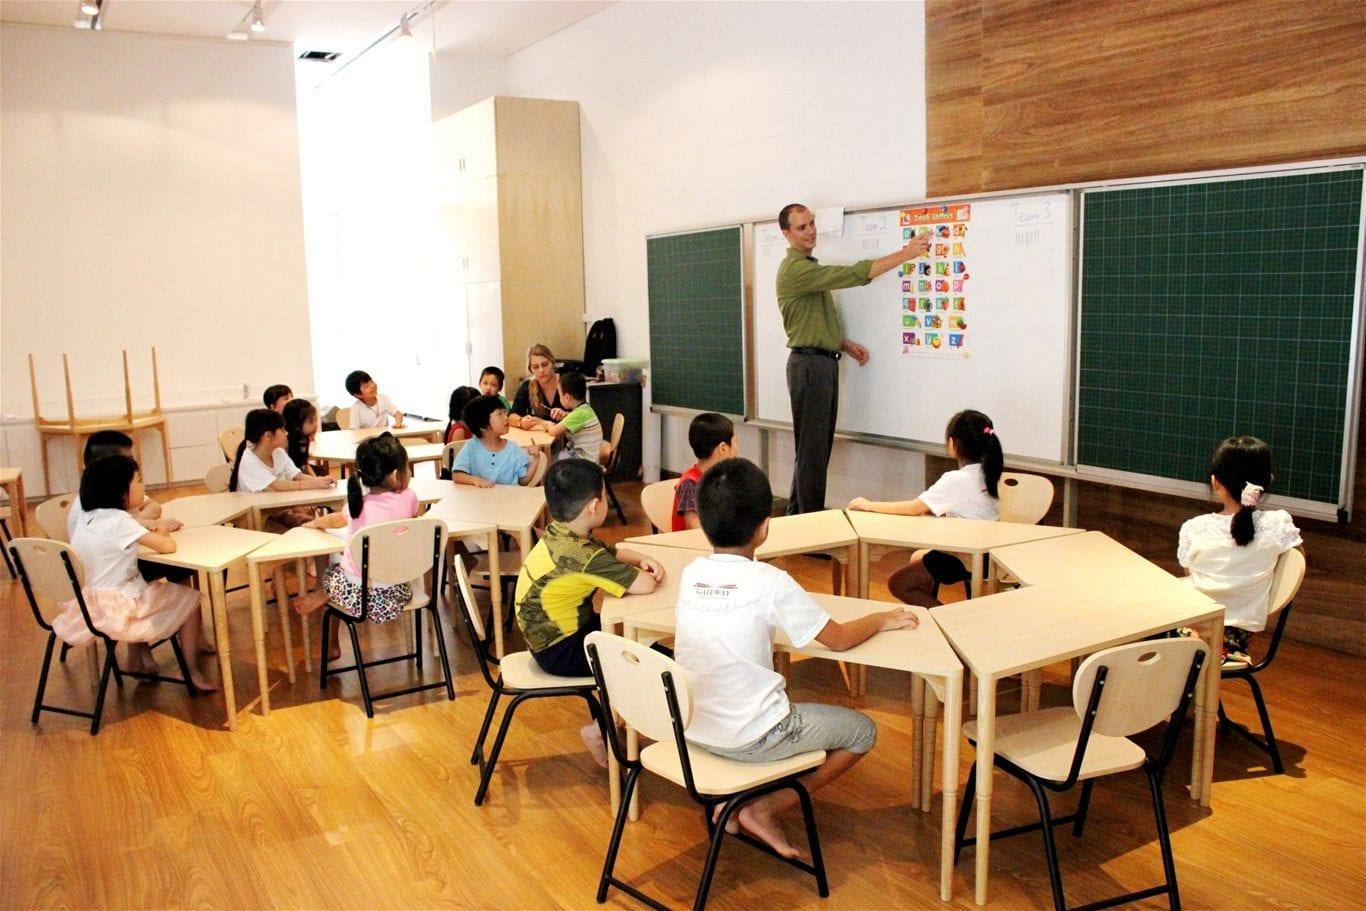 giáo dục trung quốc, hệ thống giáo dục trung quốc, giáo dục trung quốc hiện nay, triết lý giáo dục của trung quốc, lịch sử giáo dục trung quốc, giáo dục trung quốc thời cổ đại, chế độ giáo dục trung quốc, chính sách giáo dục của trung quốc, cải cách giáo dục ở trung quốc, đặc điểm nền giáo dục trung quốc, giáo dục trung quốc cổ đại, giáo dục bên trung quốc, triết lý giáo dục trung quốc, ảnh hưởng của nho giáo đến giáo dục trung quốc, giáo dục ở trung quốc, so sánh giáo dục việt nam và trung quốc, hệ thống giáo dục ở trung quốc, nền giáo dục trung quốc, hệ thống giáo dục của trung quốc, các bậc học ở trung quốc, học sinh trung quốc học như thế nào, các cấp bậc học ở trung quốc